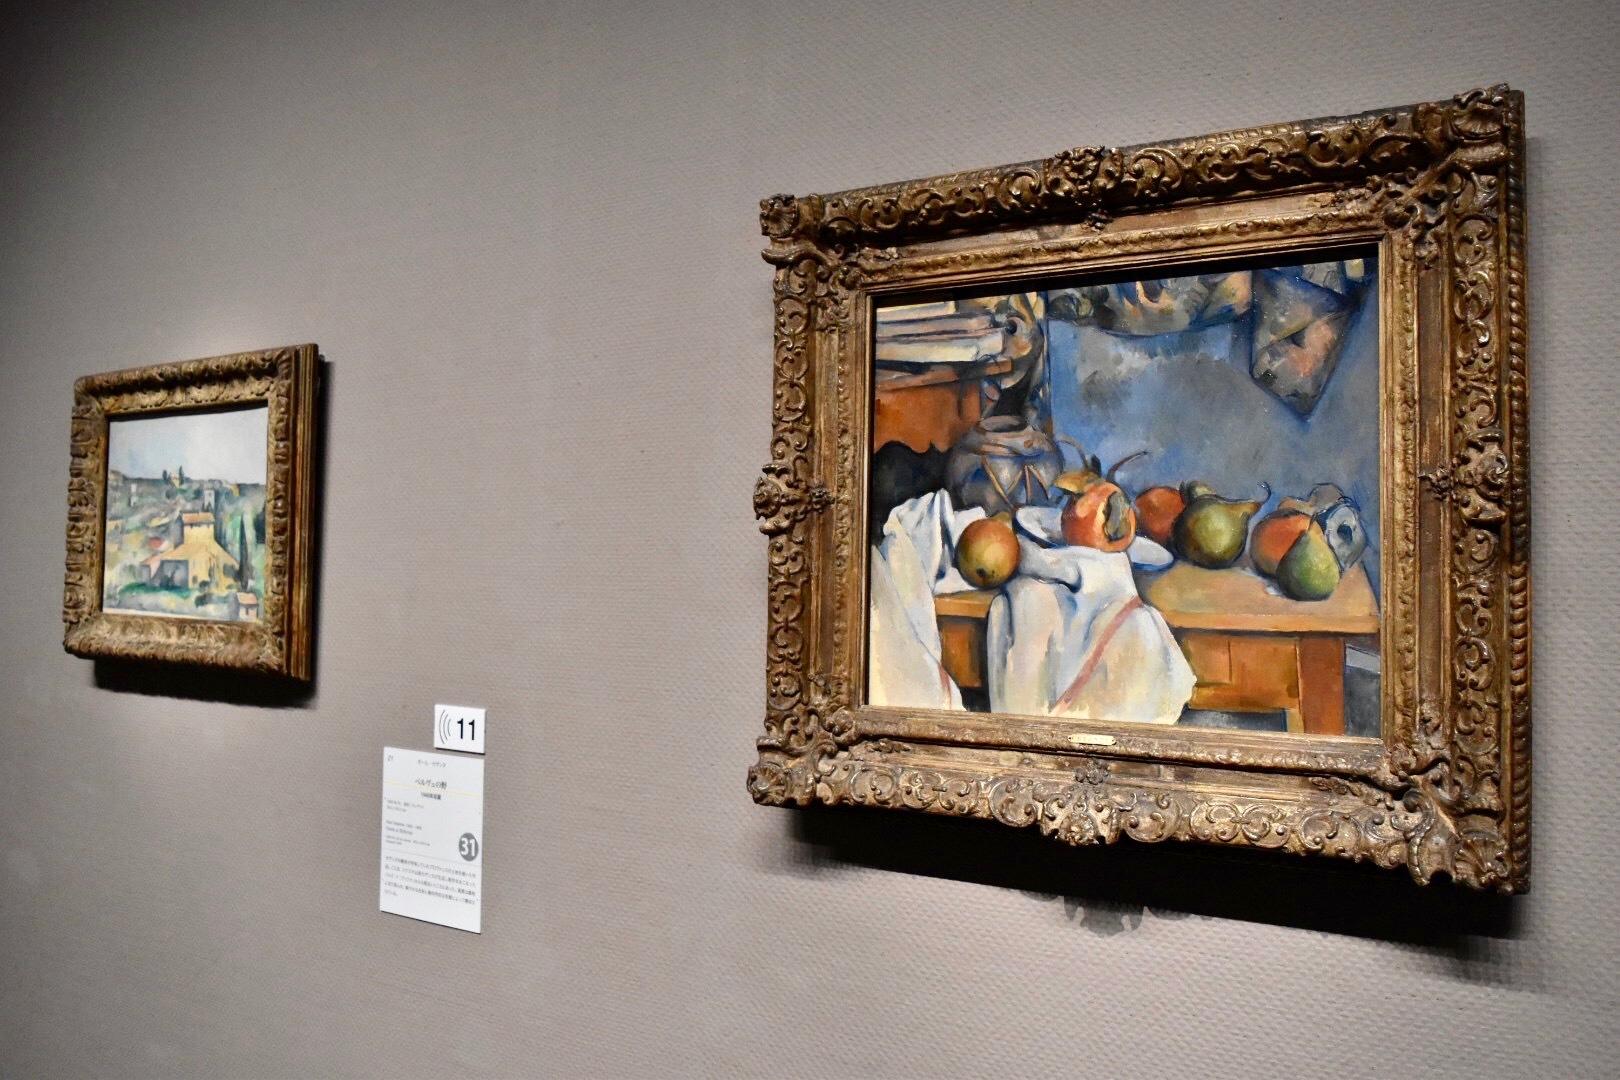 展示風景:右:ポール・セザンヌ 《ザクロと洋梨のあるショウガ壺》 1893年 左奥:ポール・セザンヌ 《ベルヴュの野》 1892-95年